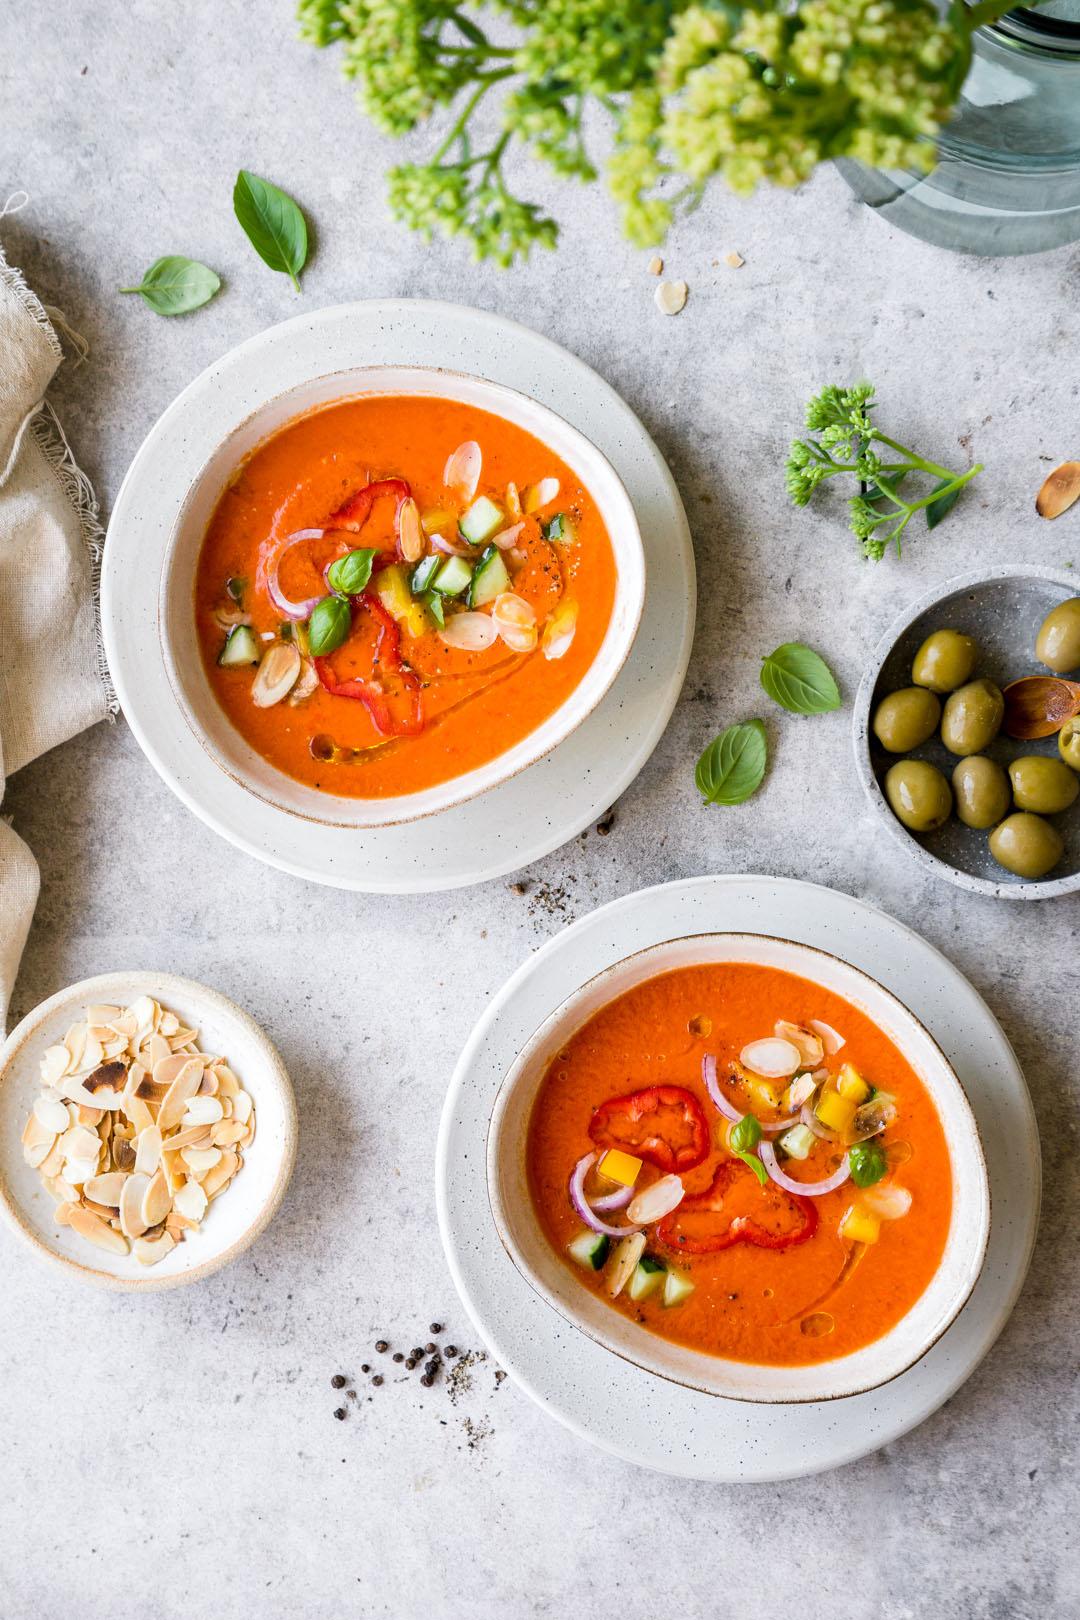 Zwei Teller mit kalter Paprikasuppe und Schälchen mit Oliven und Mandeln